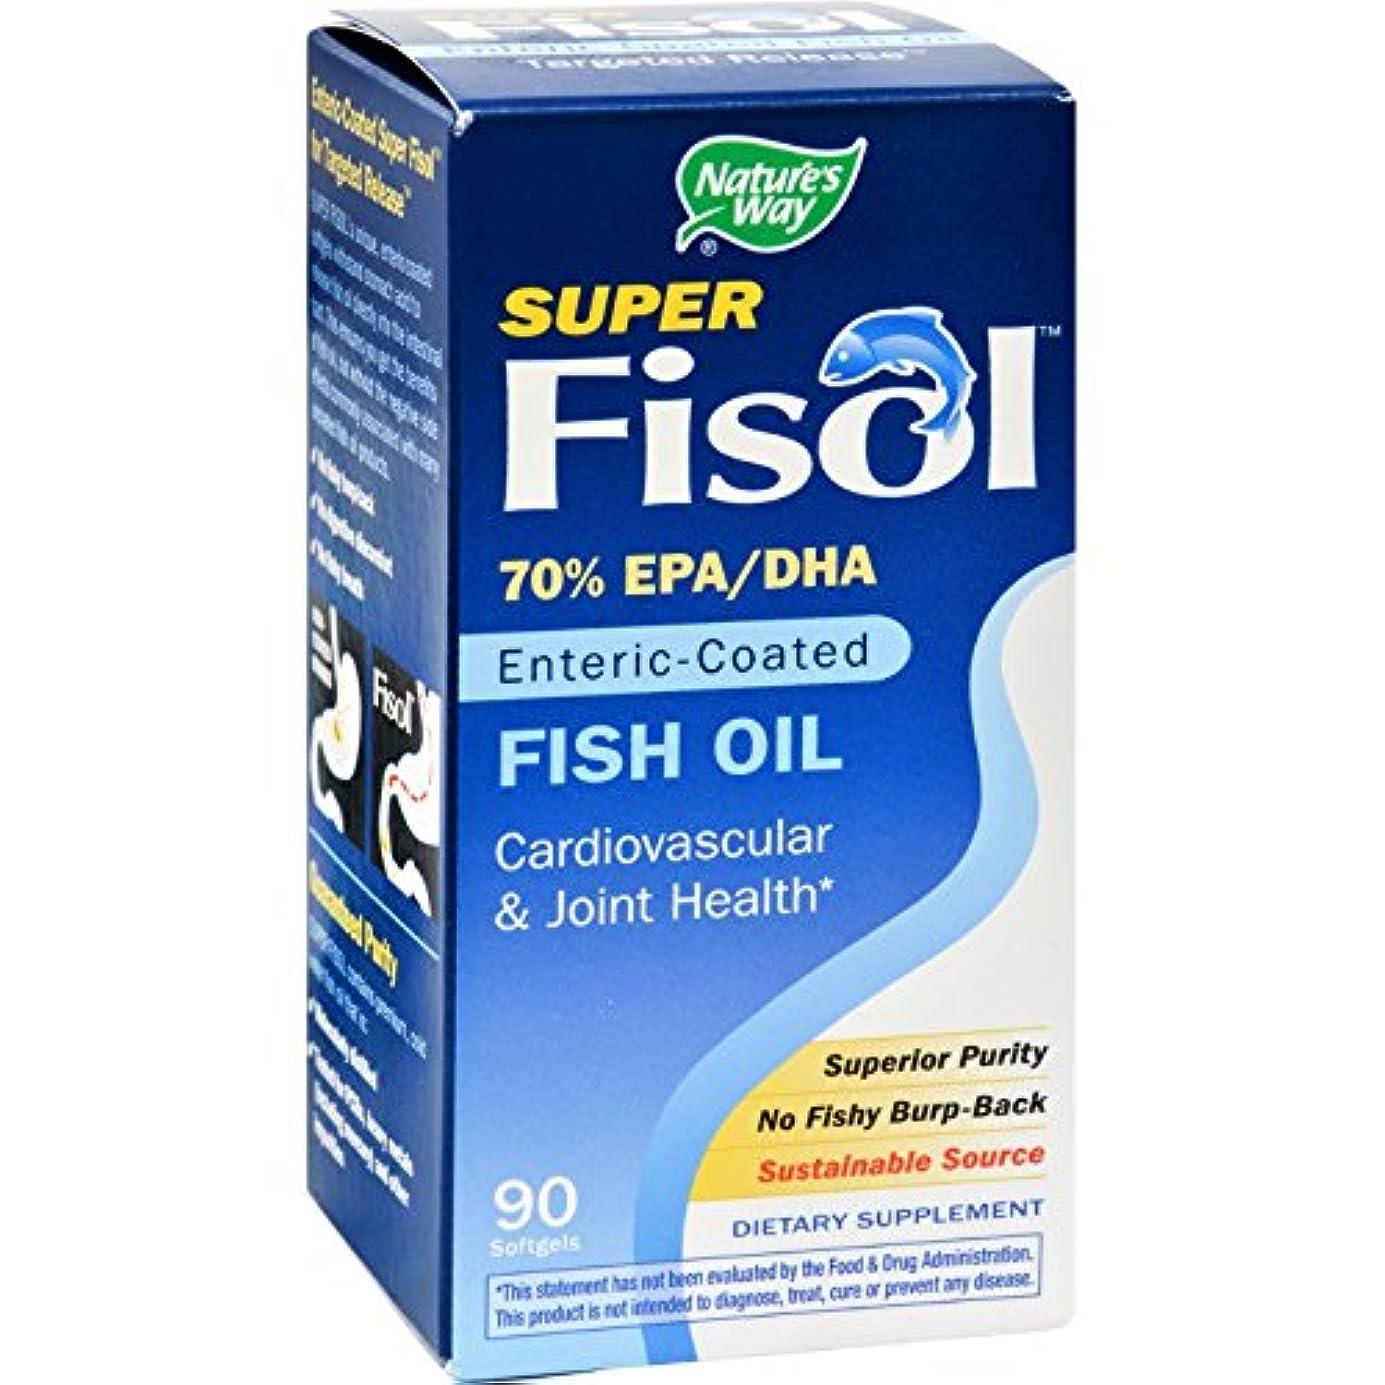 レイパースブラックボロウ換気するスーパーフィソール(高含有EPA?DHA) 90粒[海外直送品]